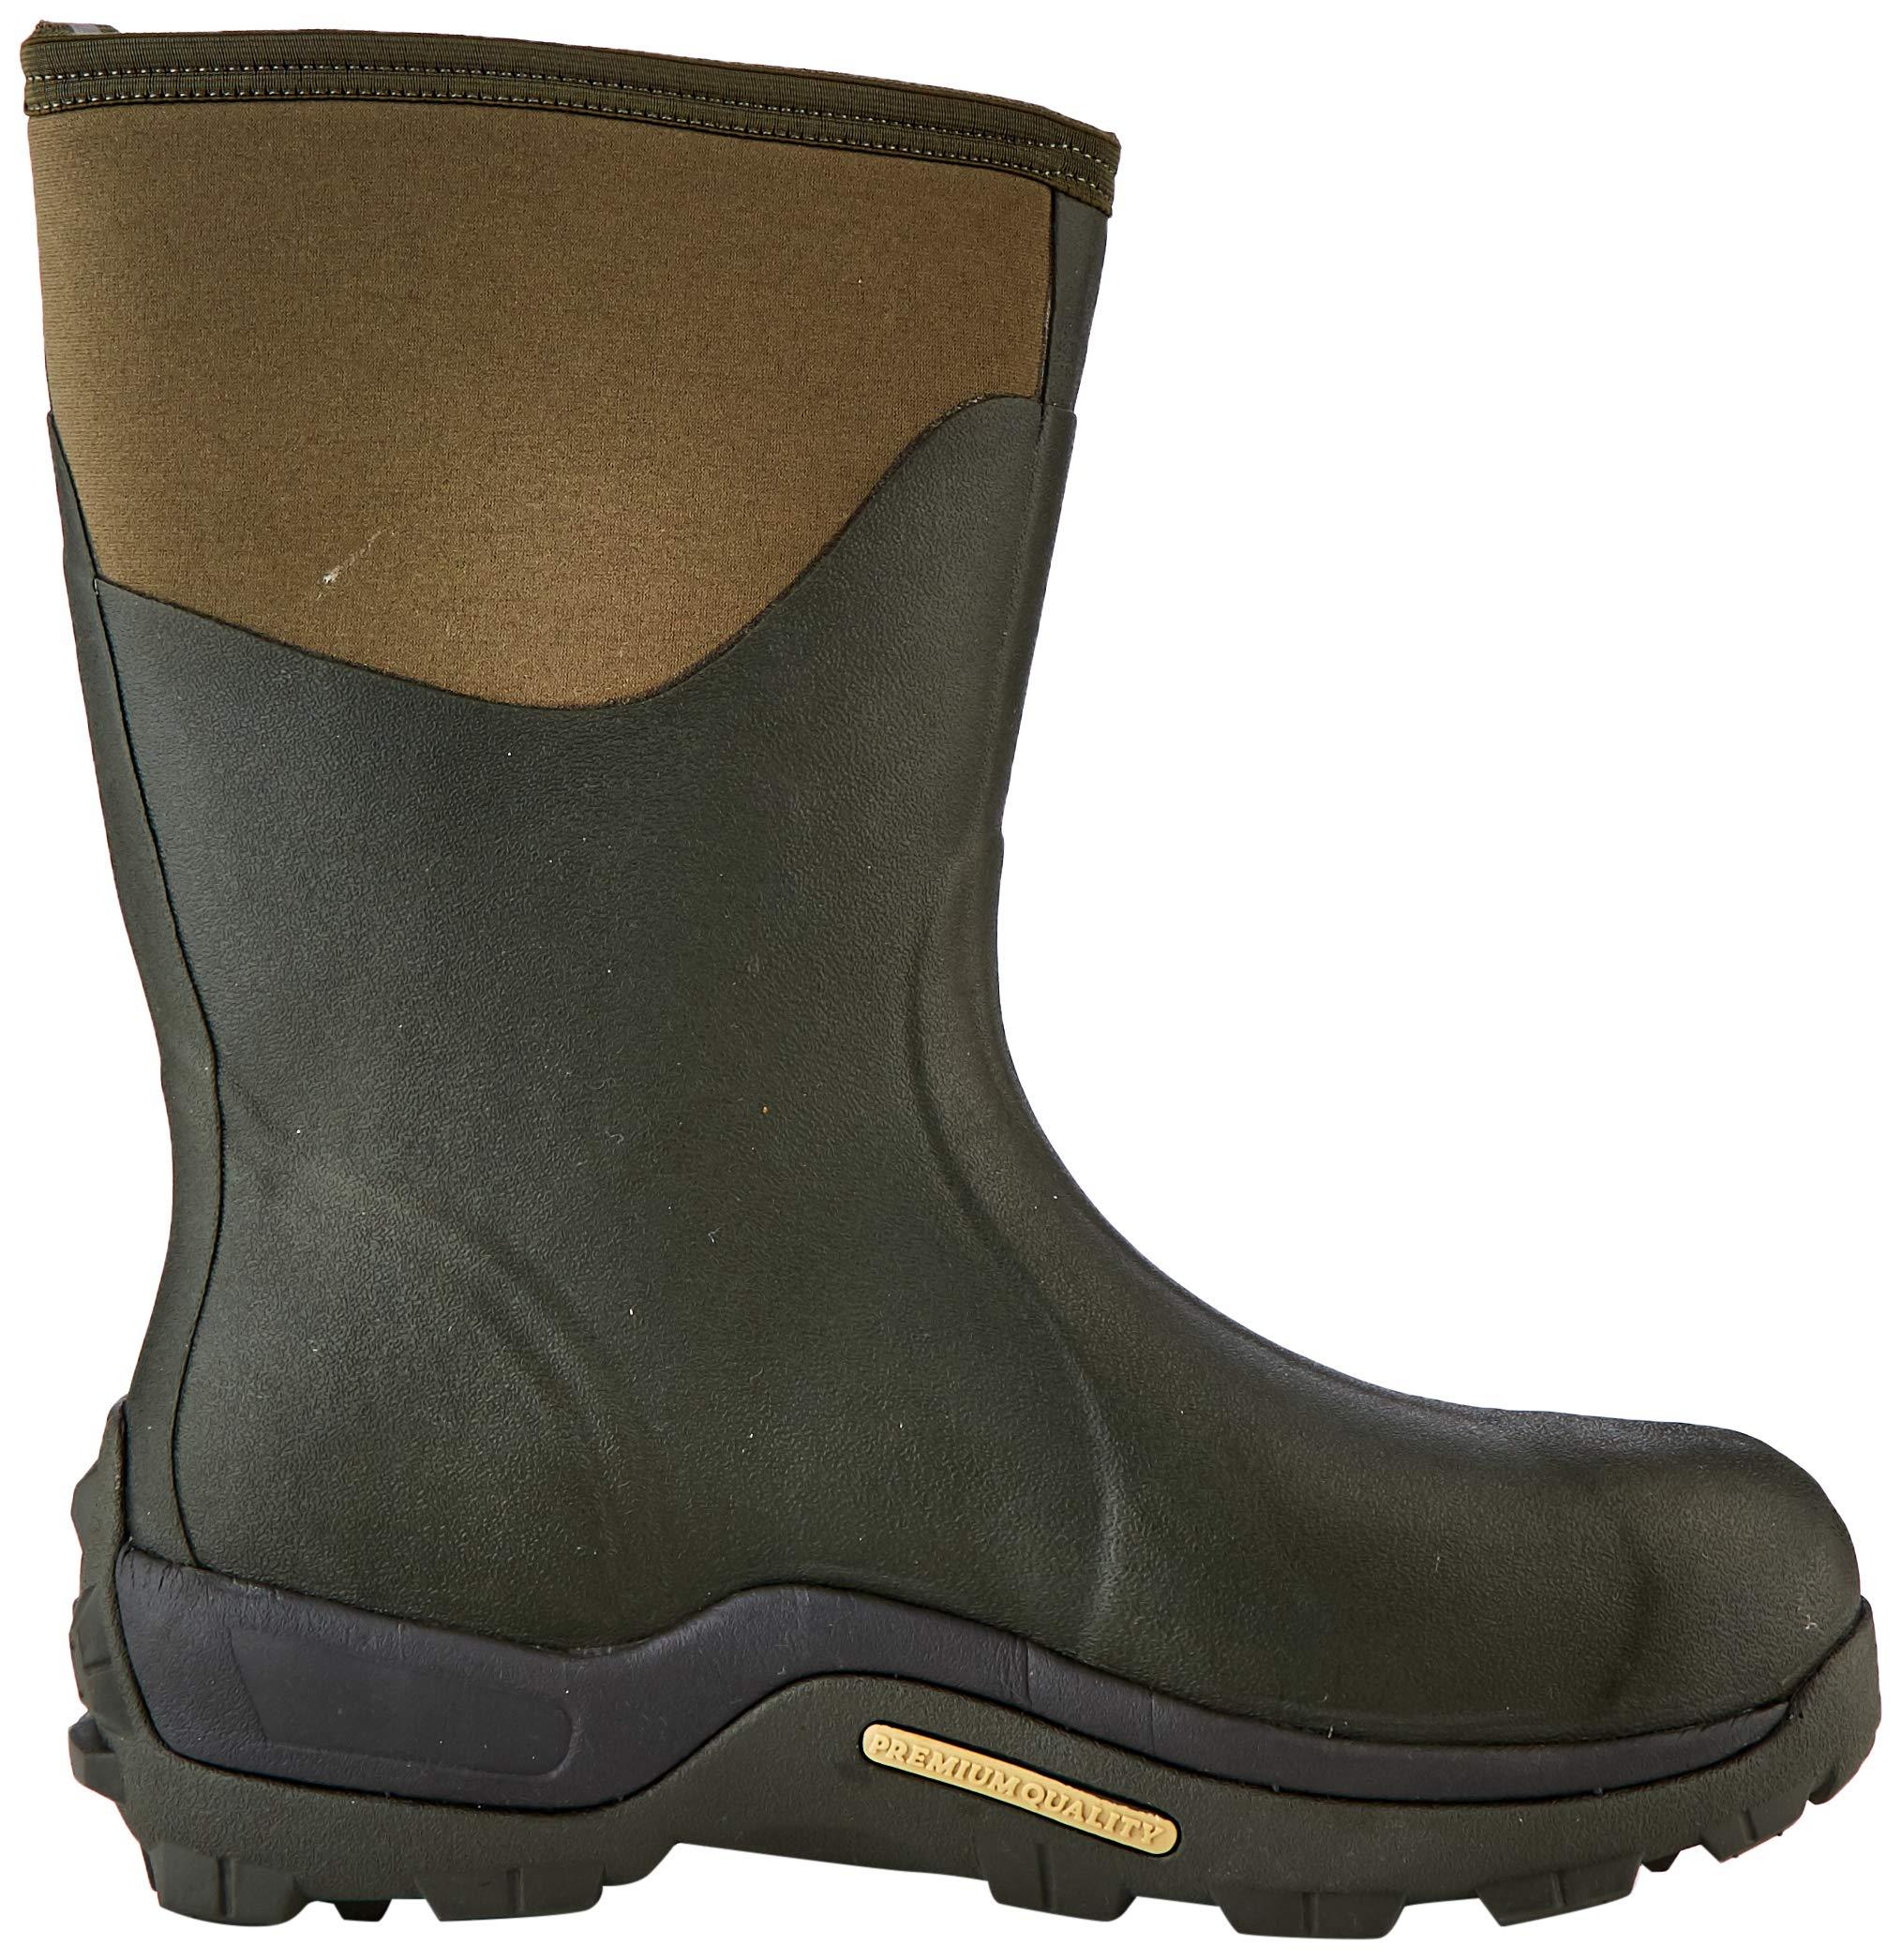 Muck Boots Muckmaster Mid Rain Boot 6